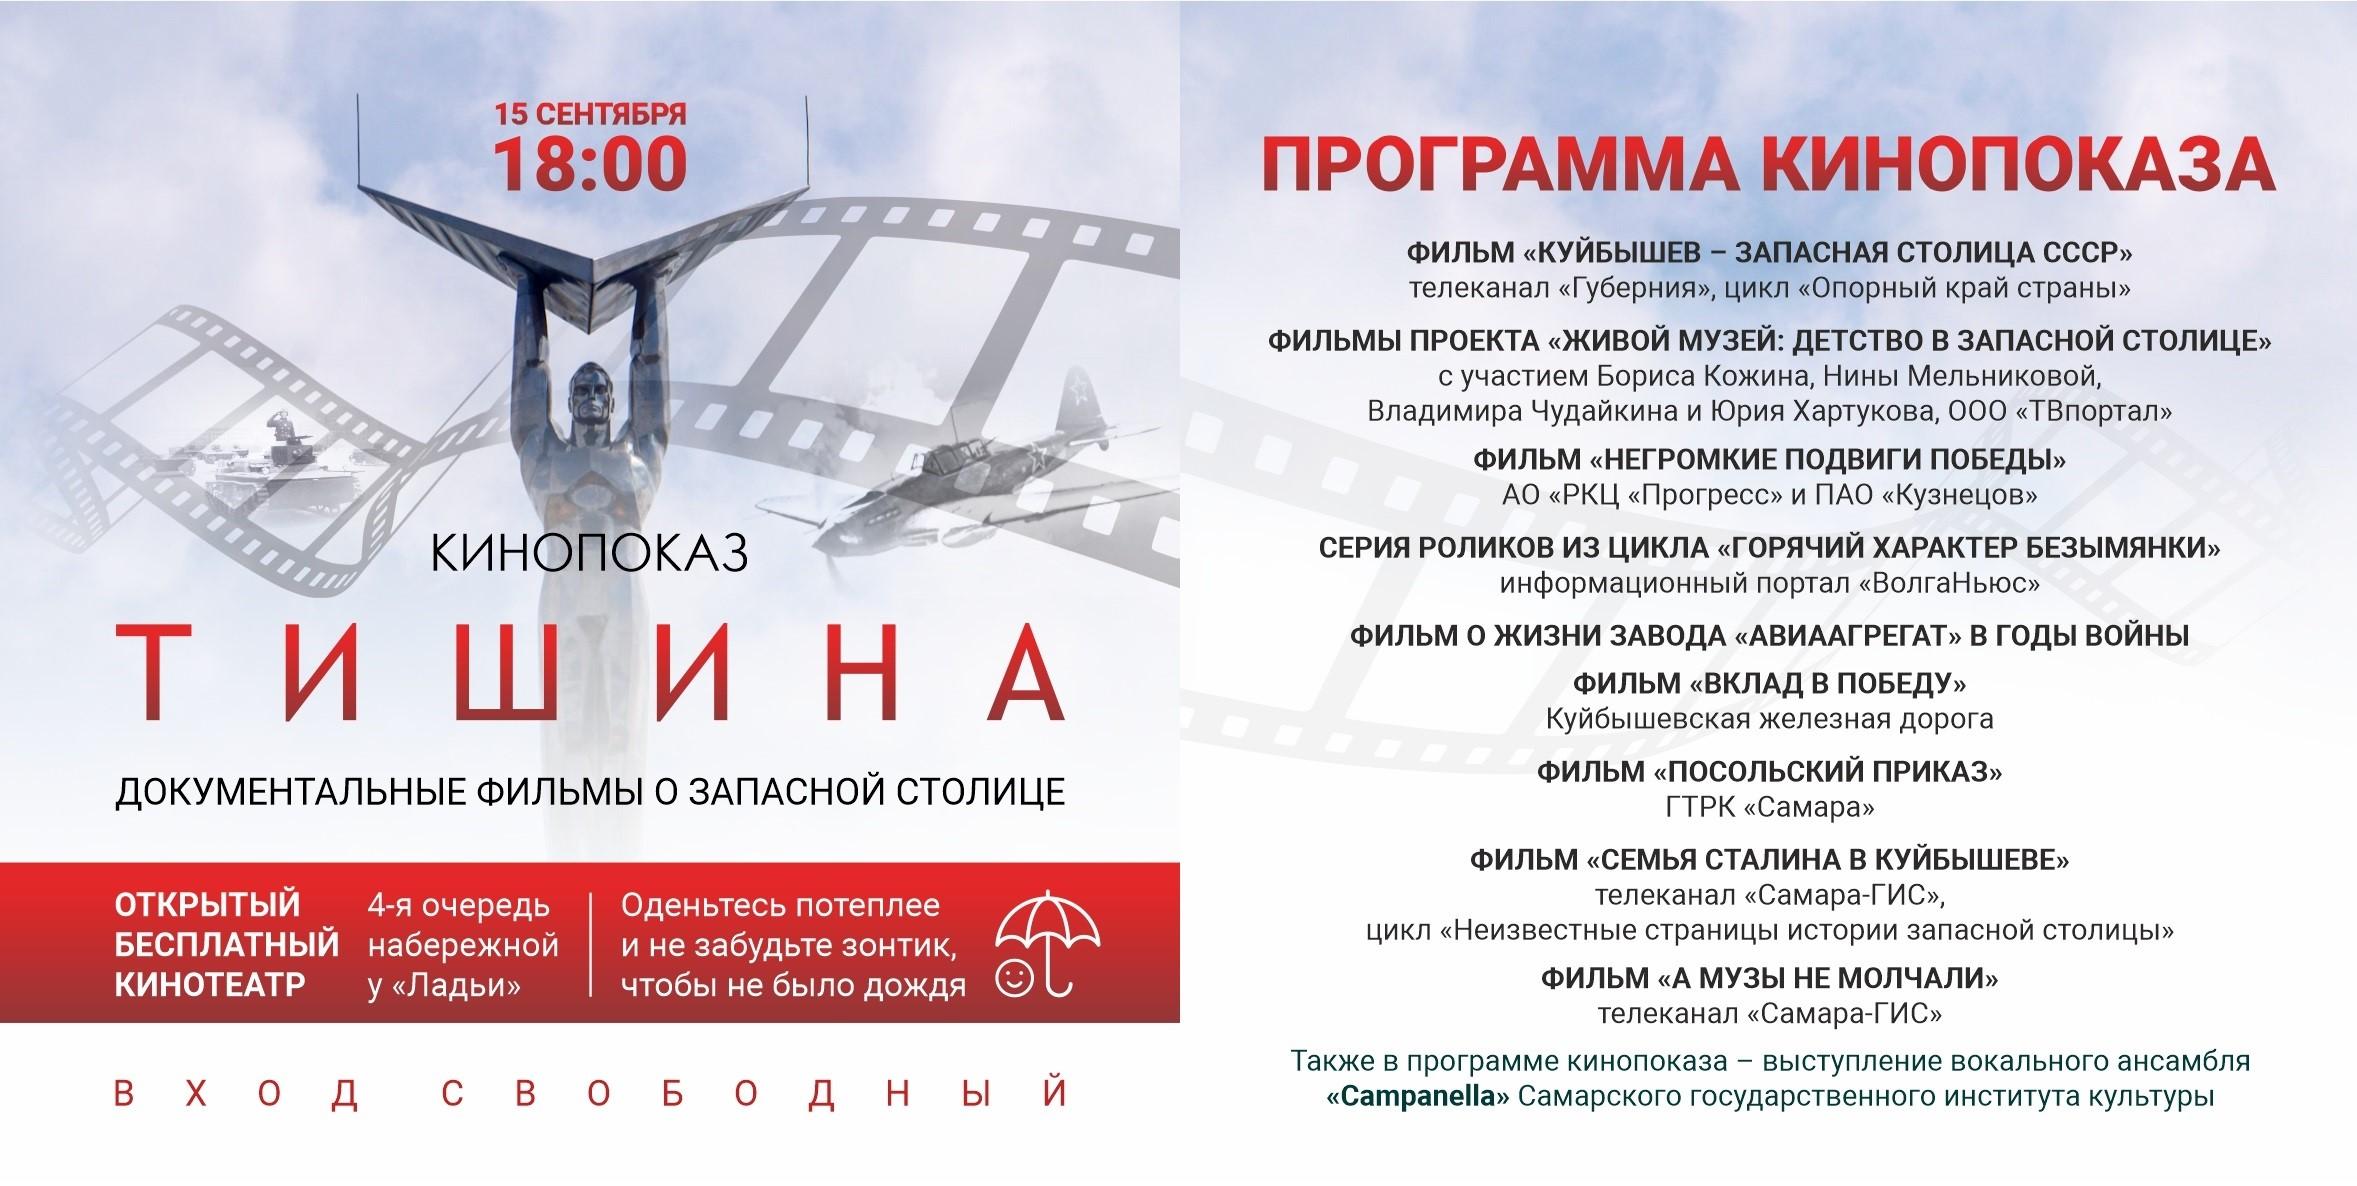 Кинопоказ_афиша